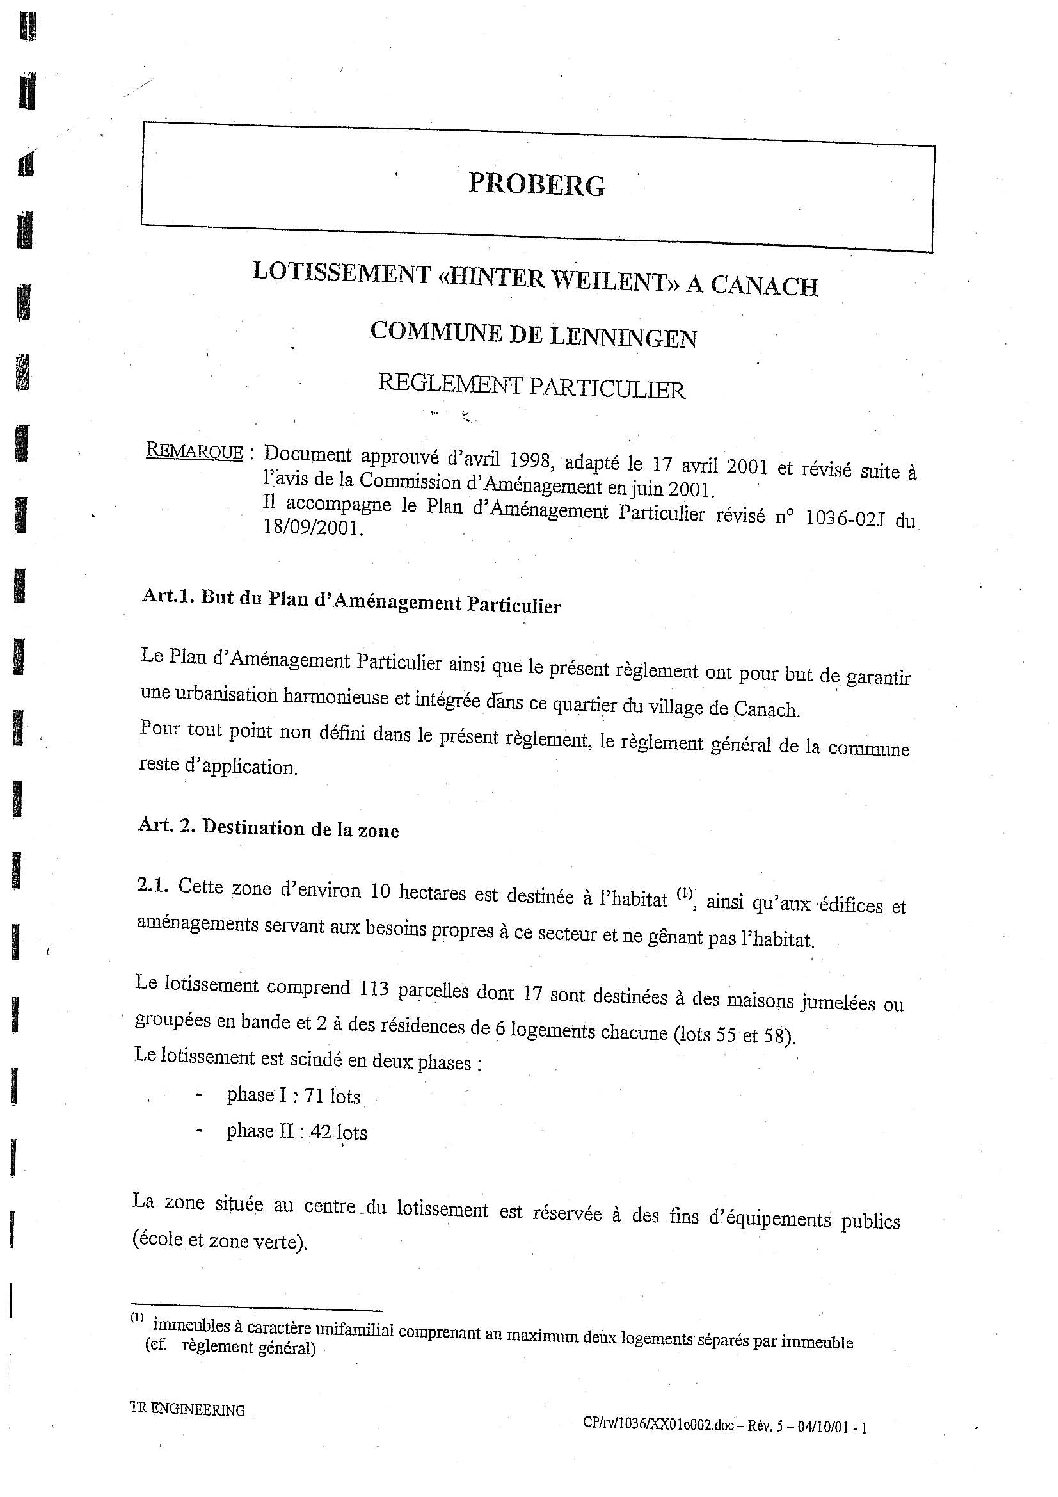 """PAP """"Hinter Weilent"""" à Canach"""